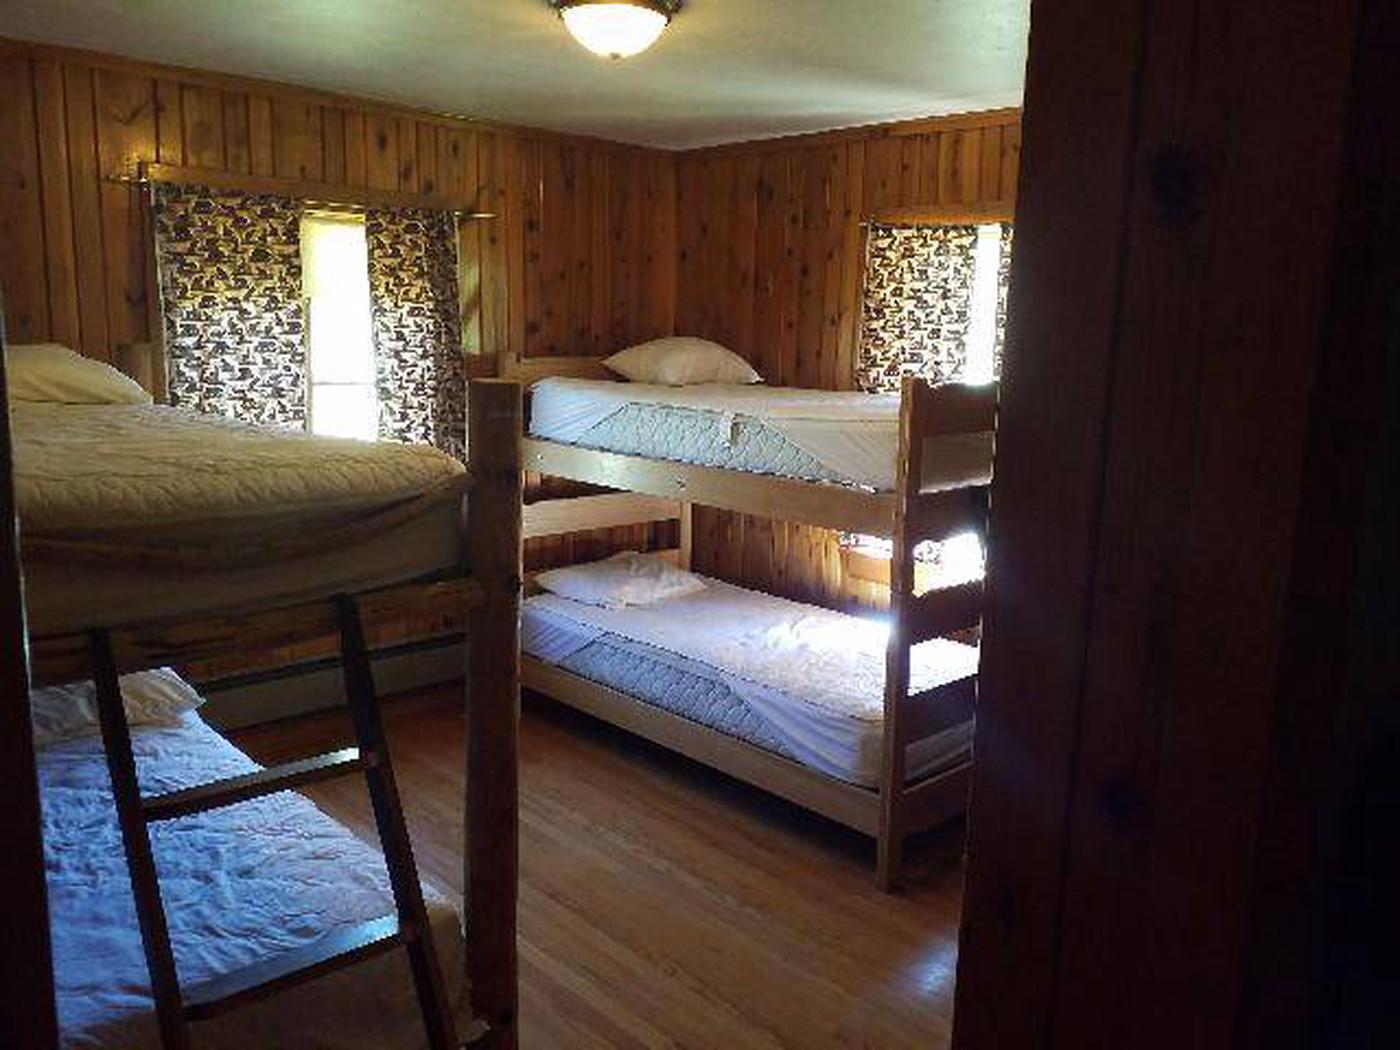 Sunlight Rangers Cabin - Bedroom4 Beds in one of the bedrooms